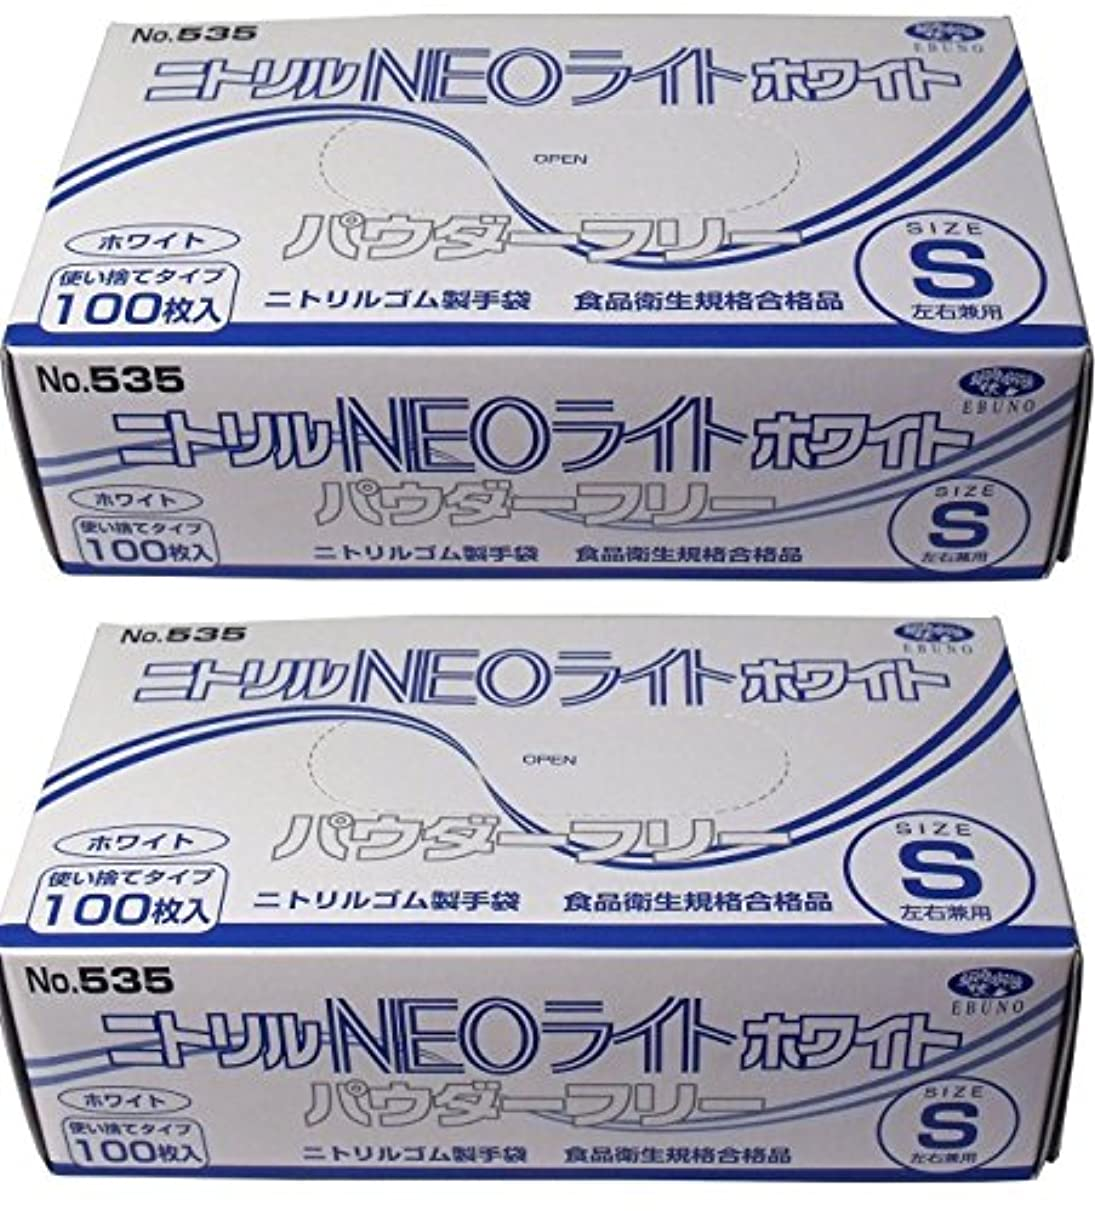 仮定するデモンストレーション憤る【セット品】ニトリル手袋 パウダーフリー ホワイト Sサイズ (2個)